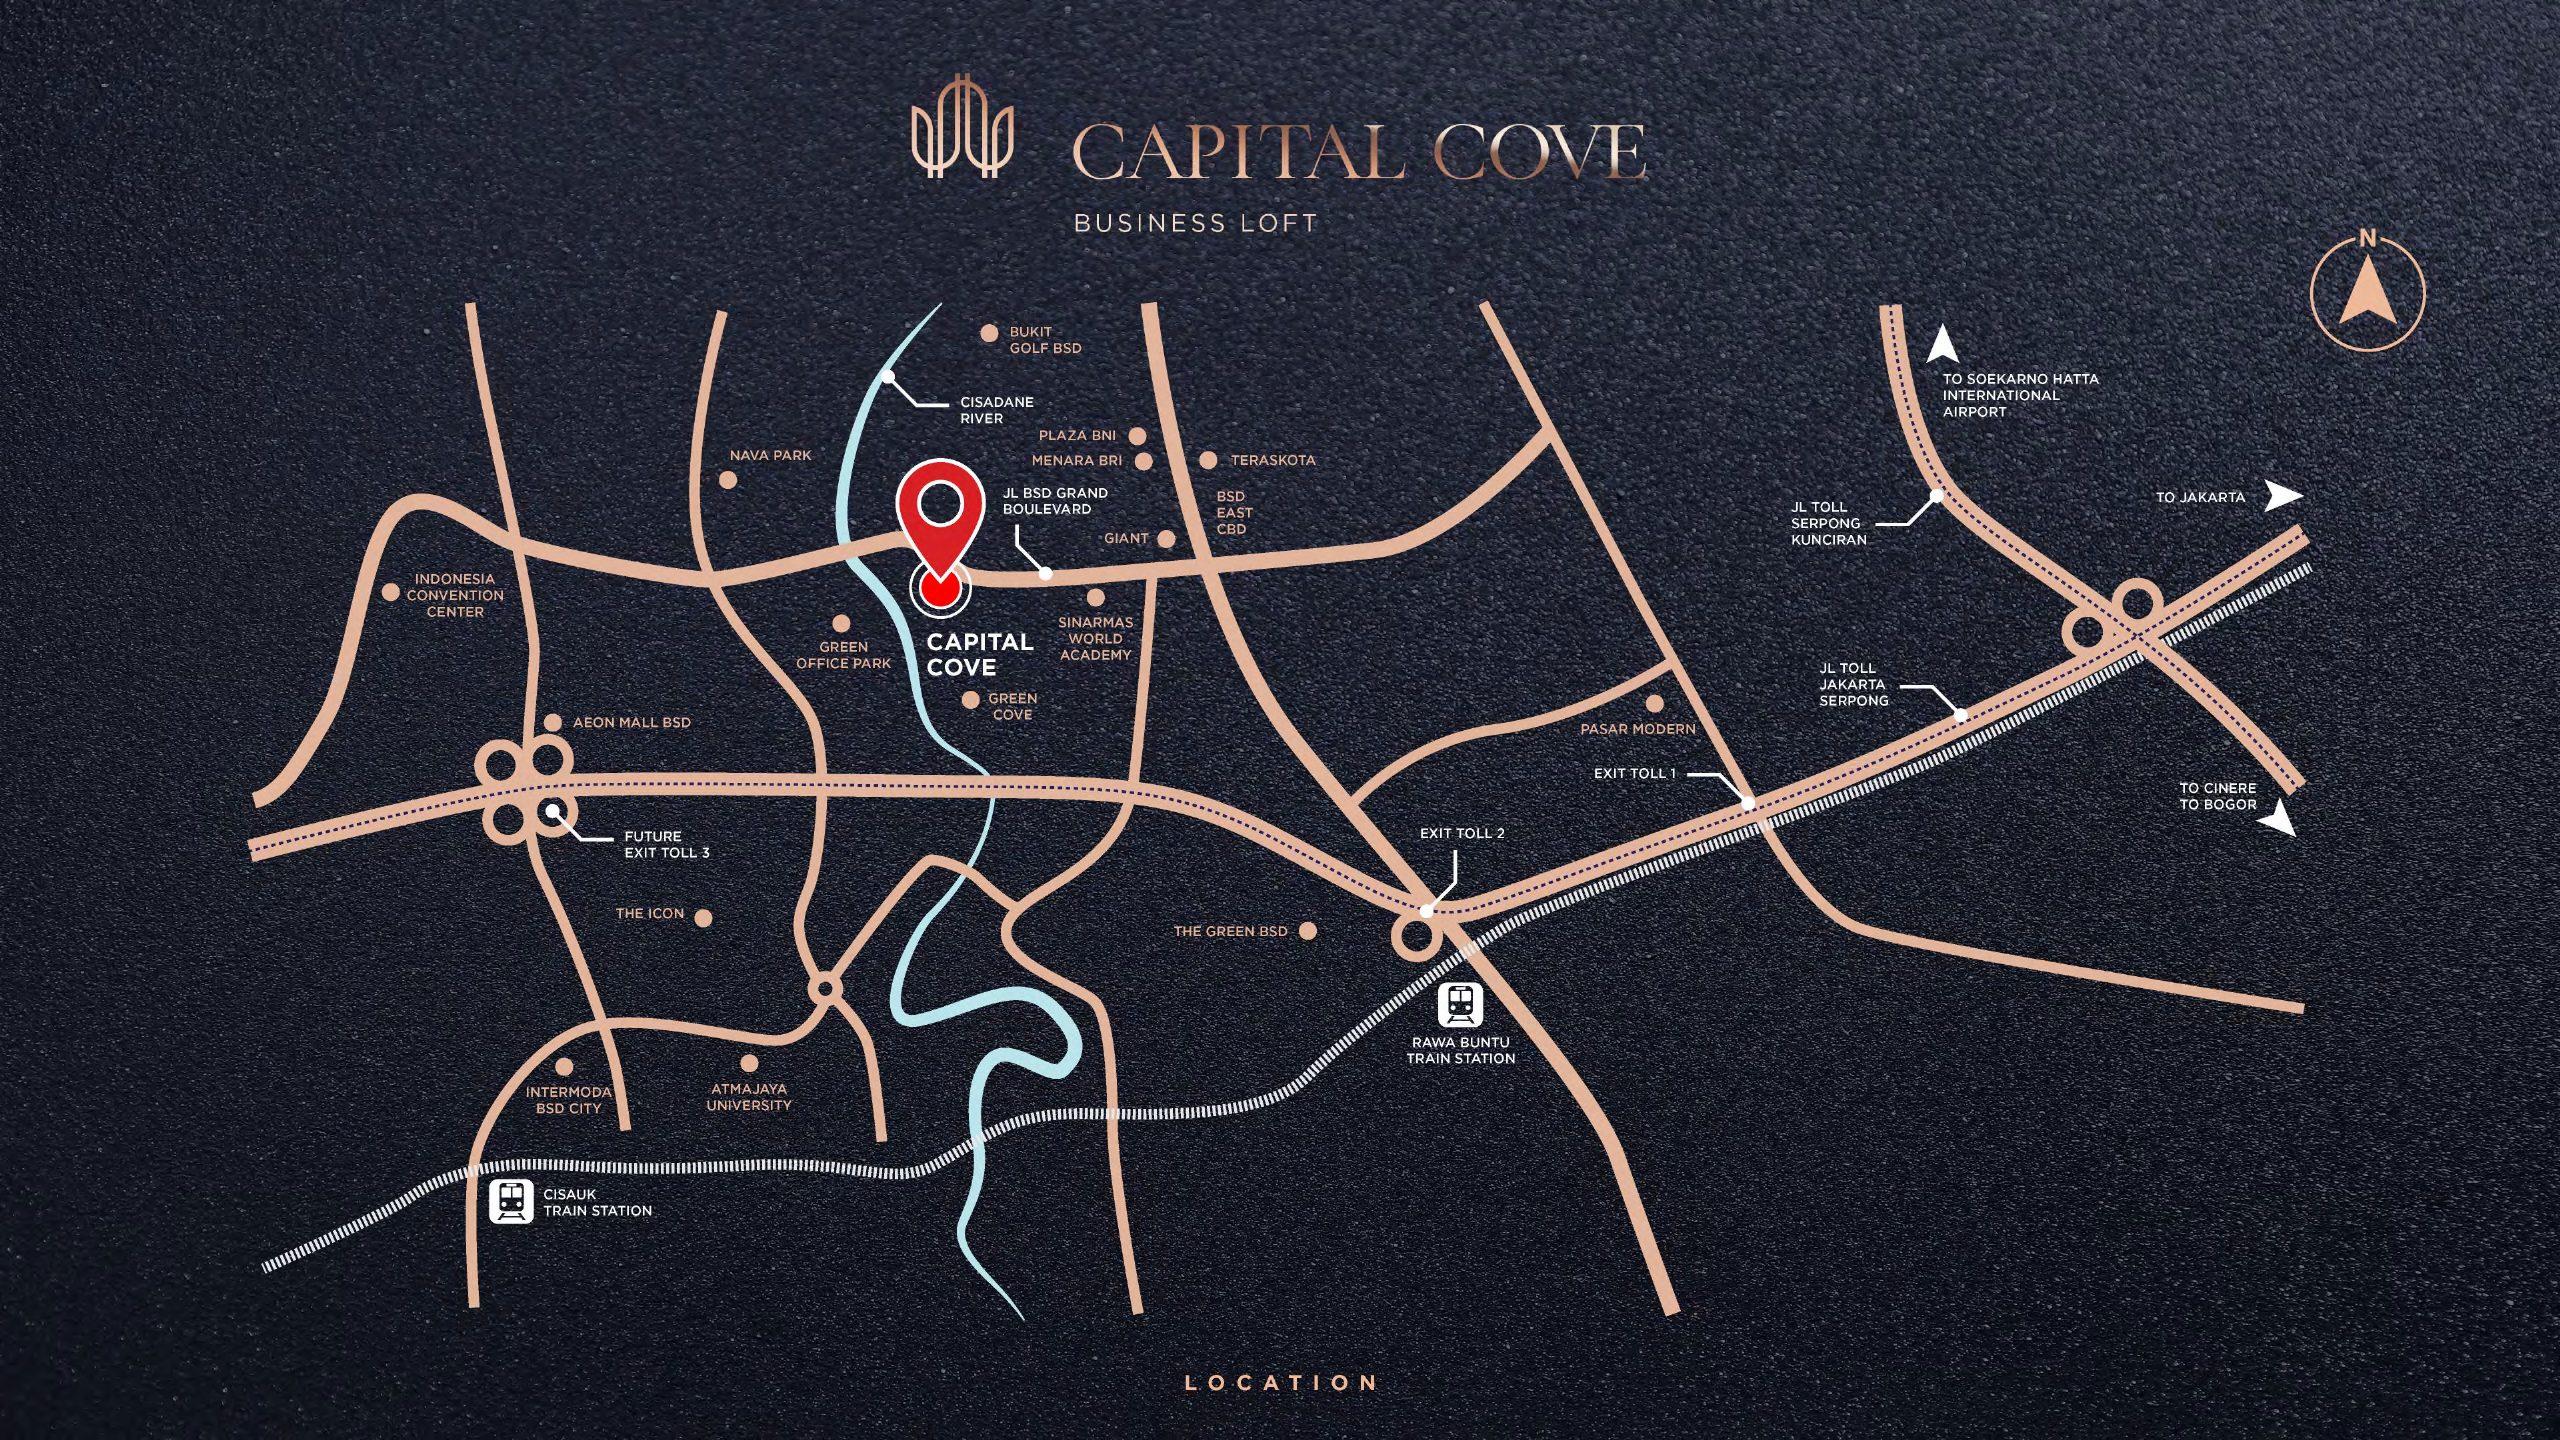 peta lokasi capital cove business loft bsd